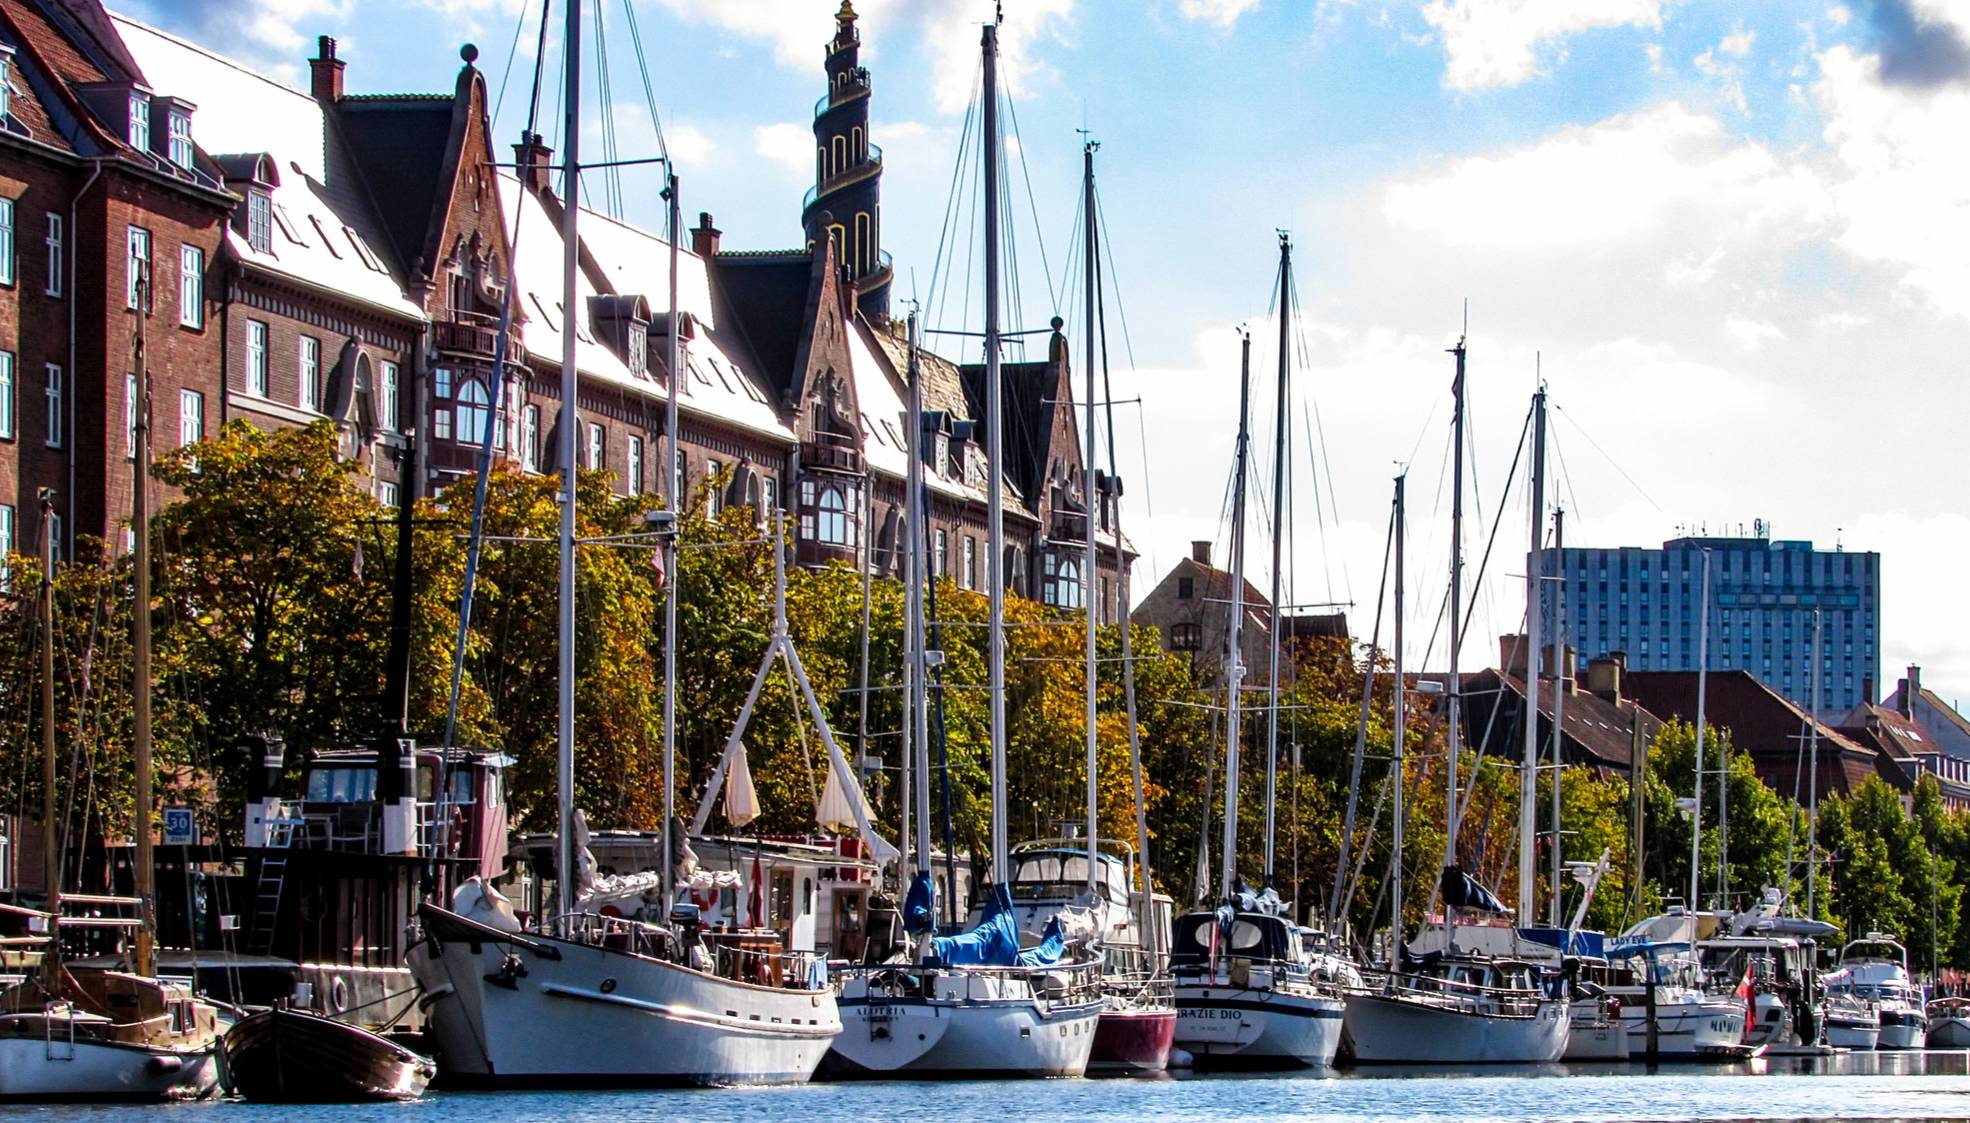 Christian's Harbor (Christianshavn) - Things To Do In Copenhagen